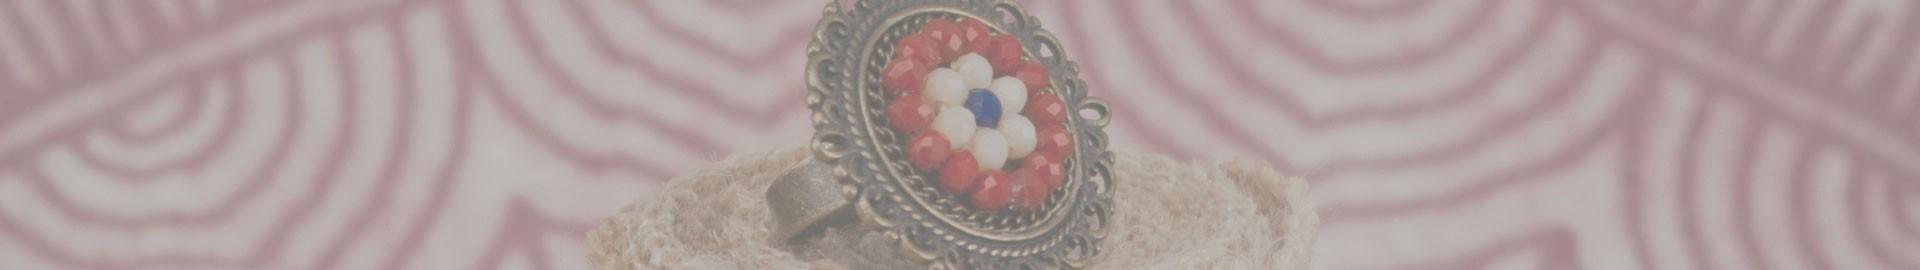 Nuestra selección de anillos.